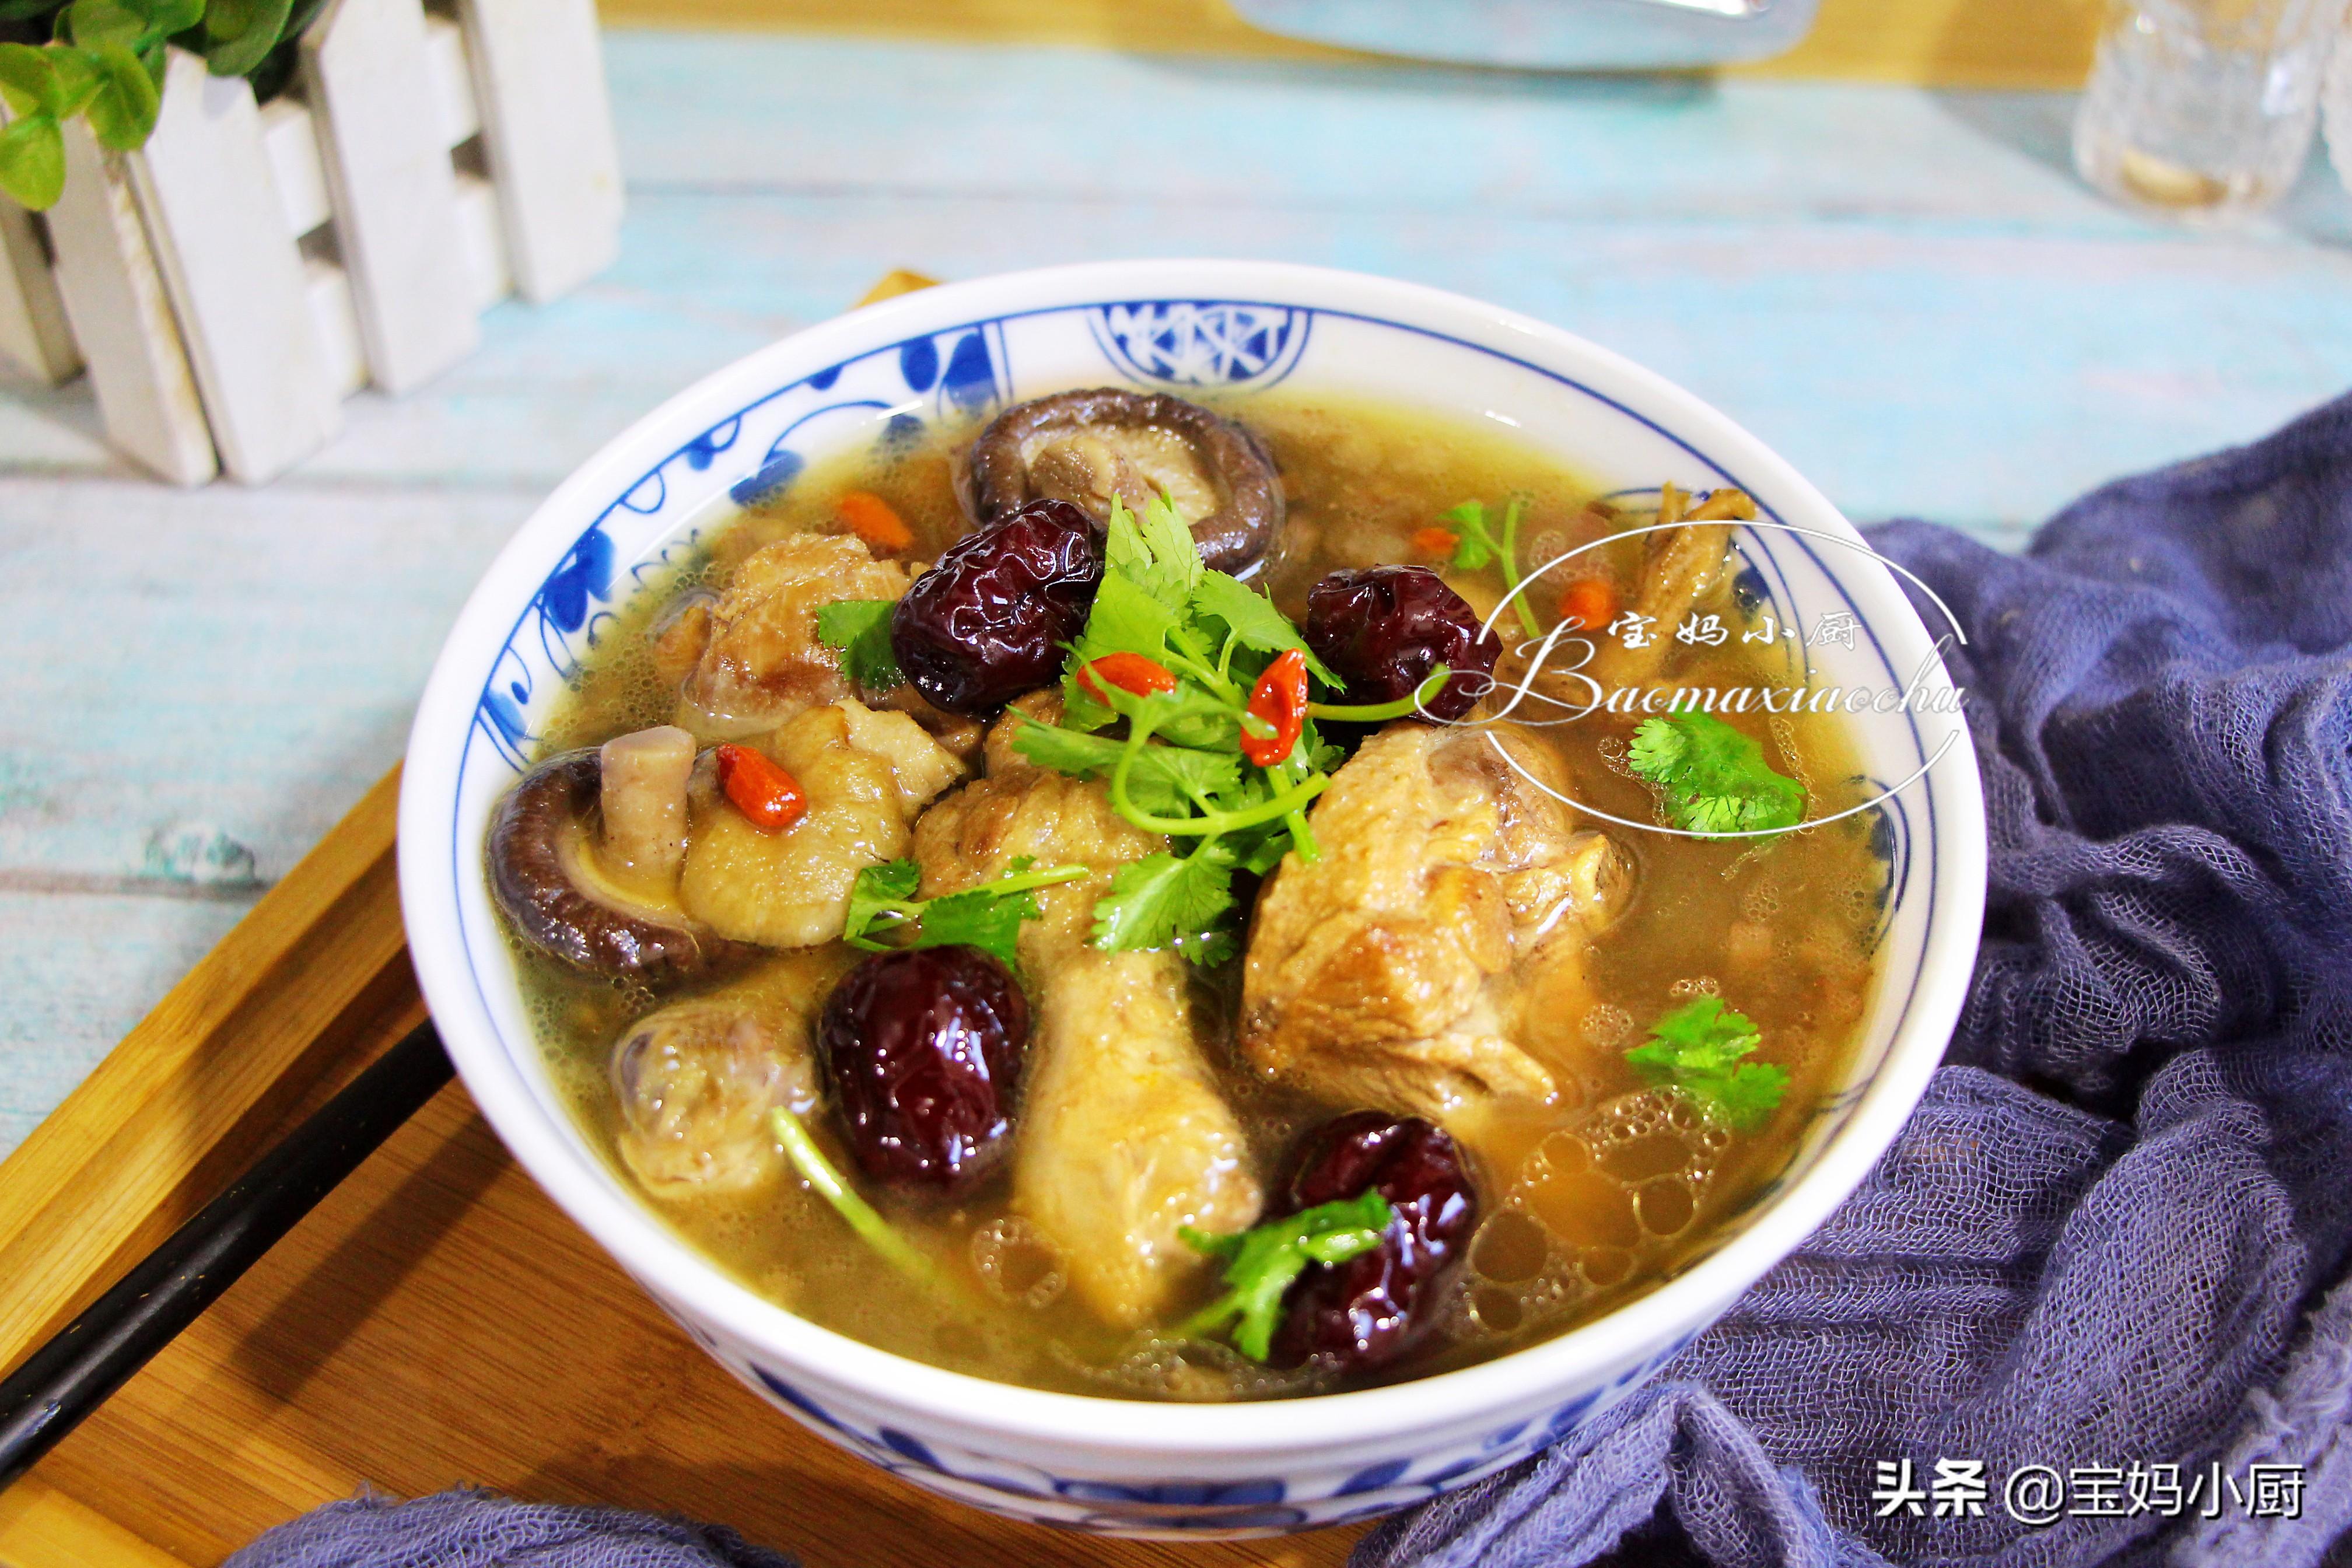 天熱多吃這肉好,用它燉湯不上火有食慾,比豬肉養人,比雞肉便宜